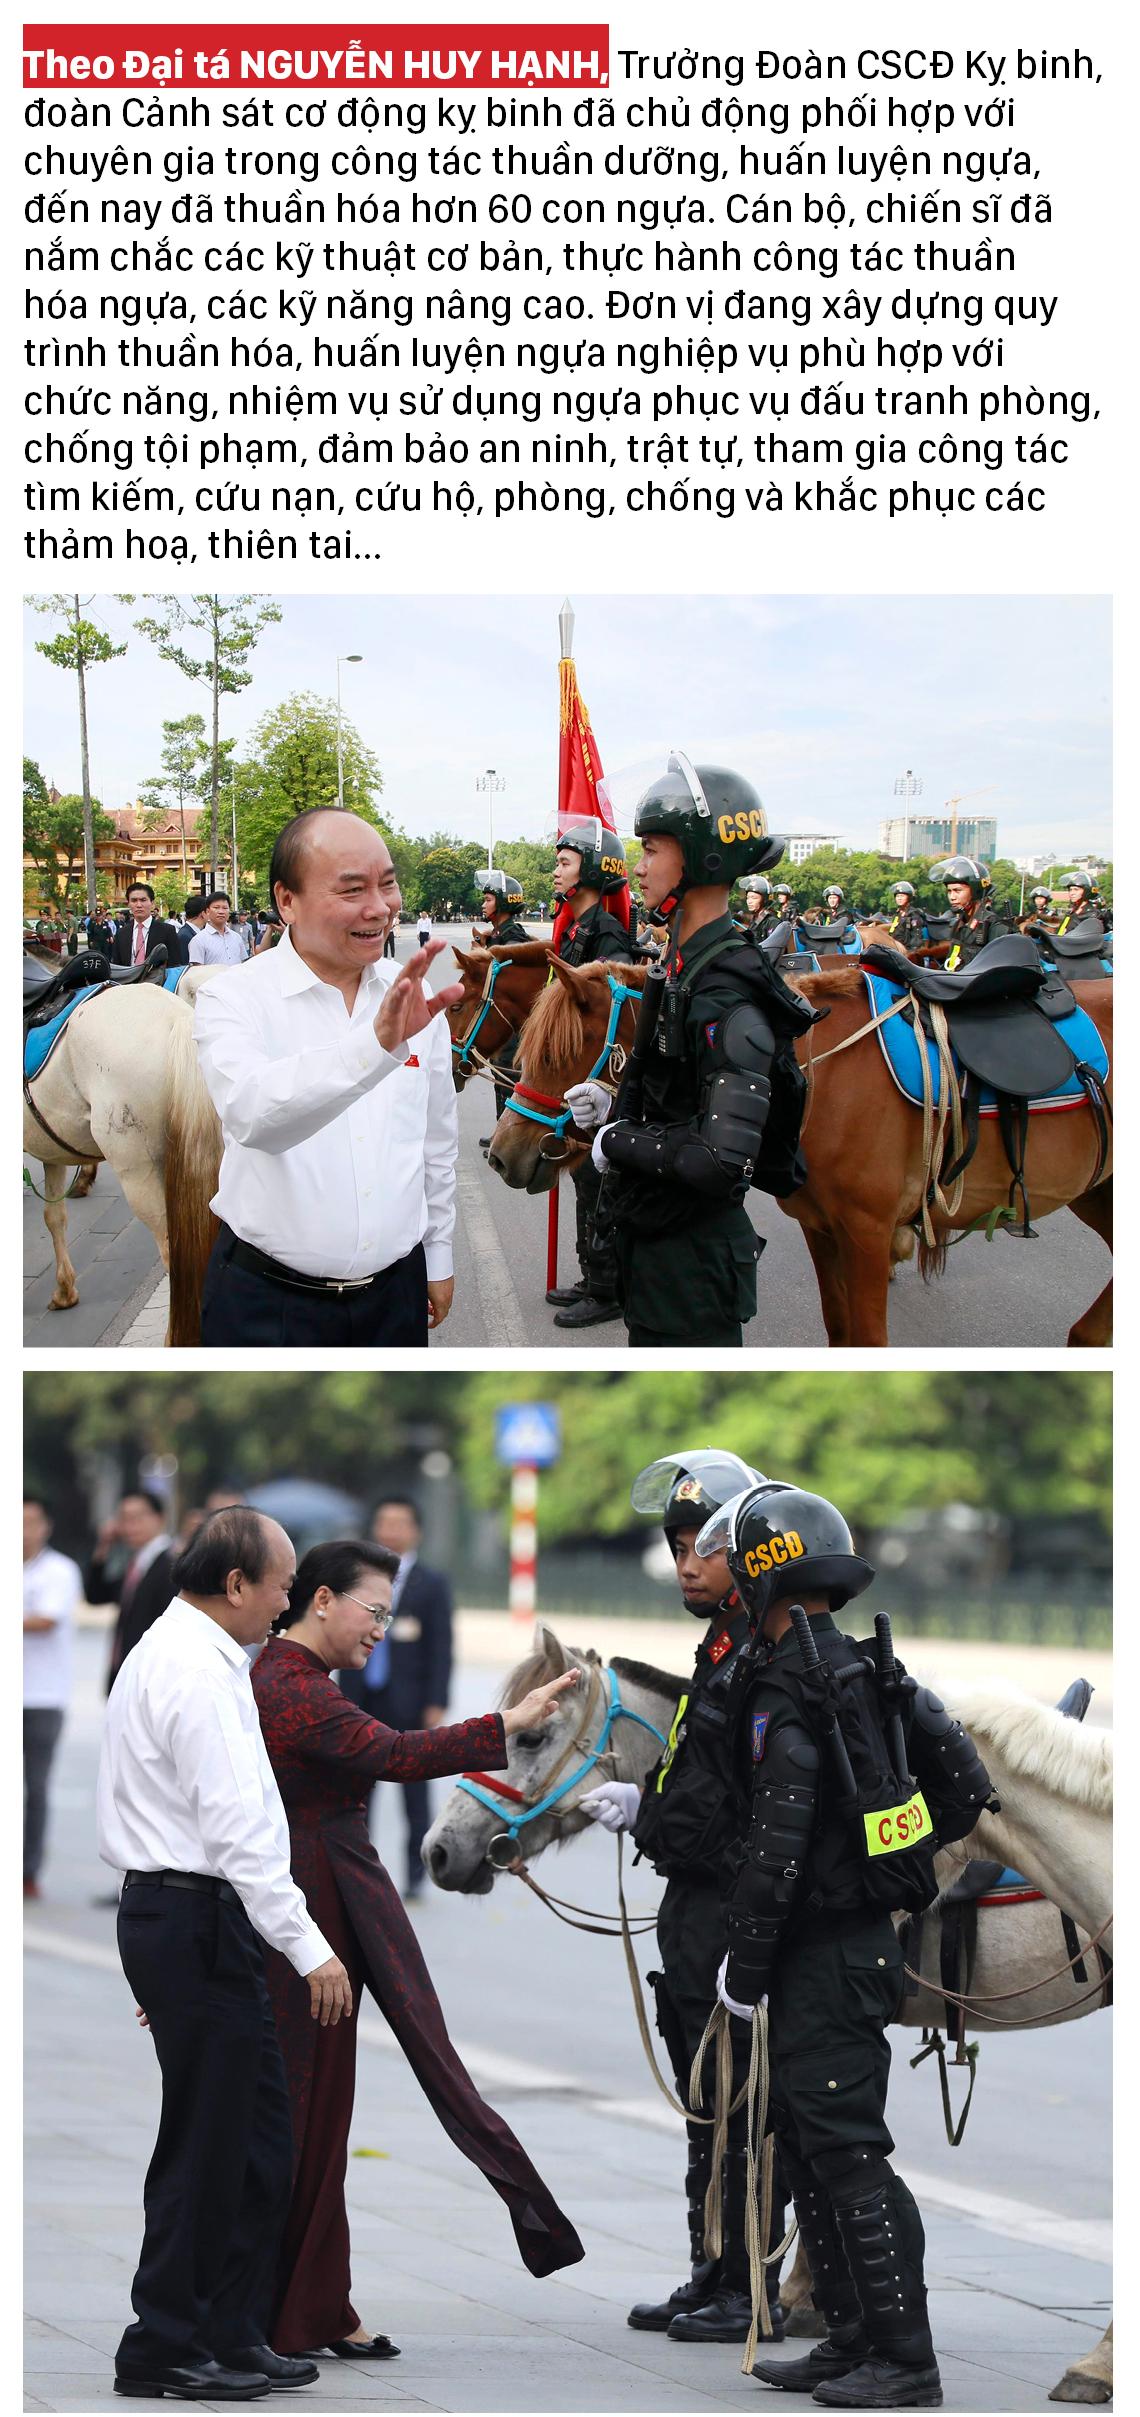 Ra mắt đoàn cảnh sát cơ động kỵ binh  ảnh 3